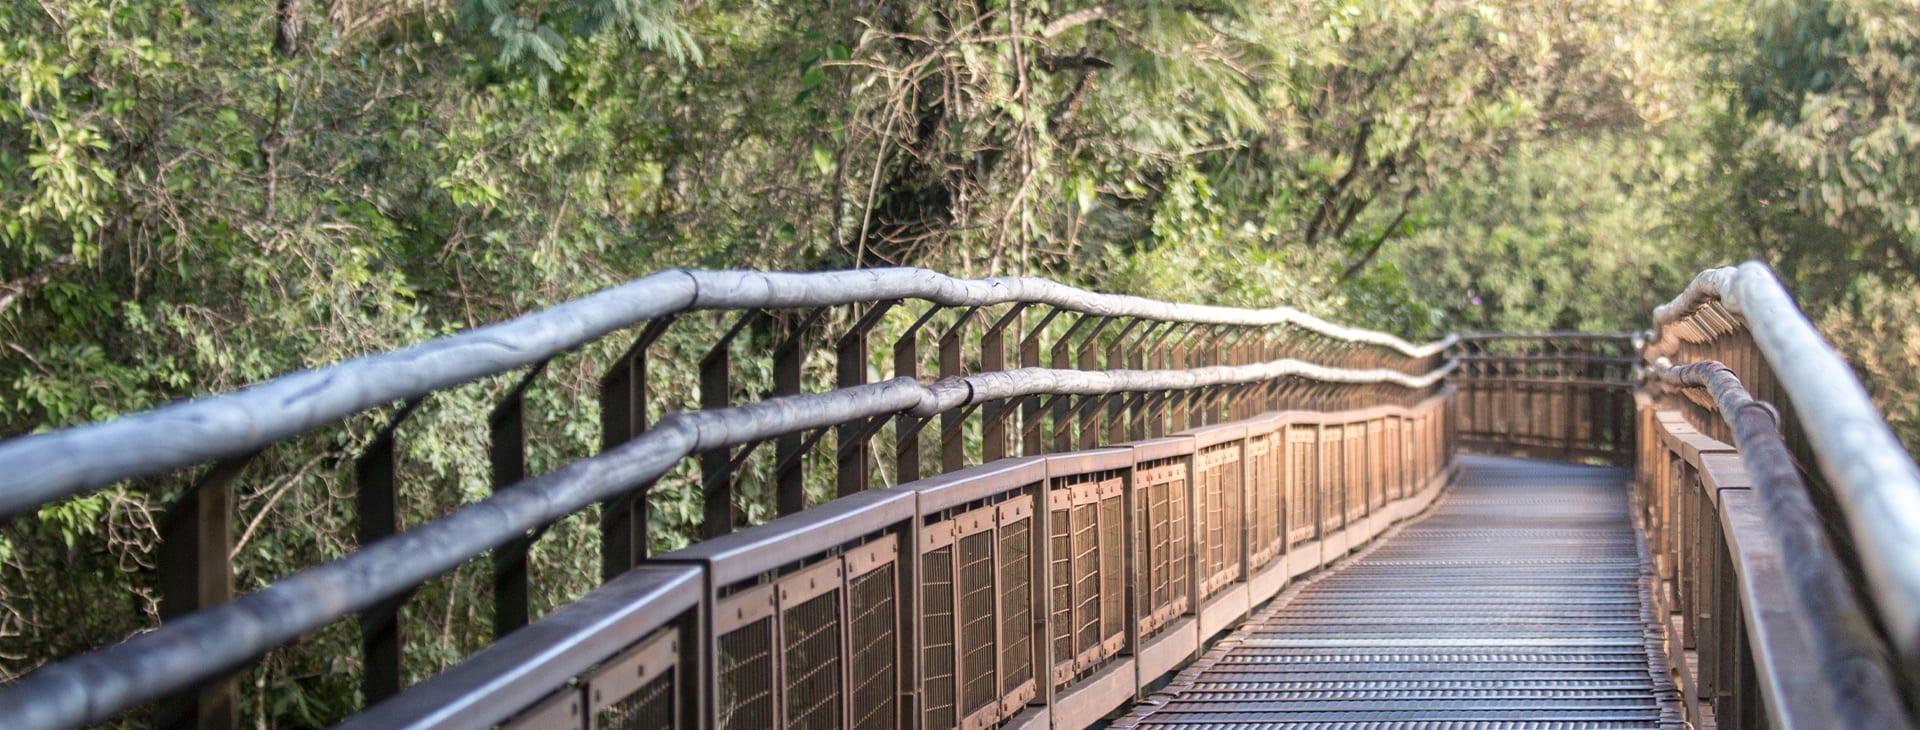 Boardwalk Iguazu Falls